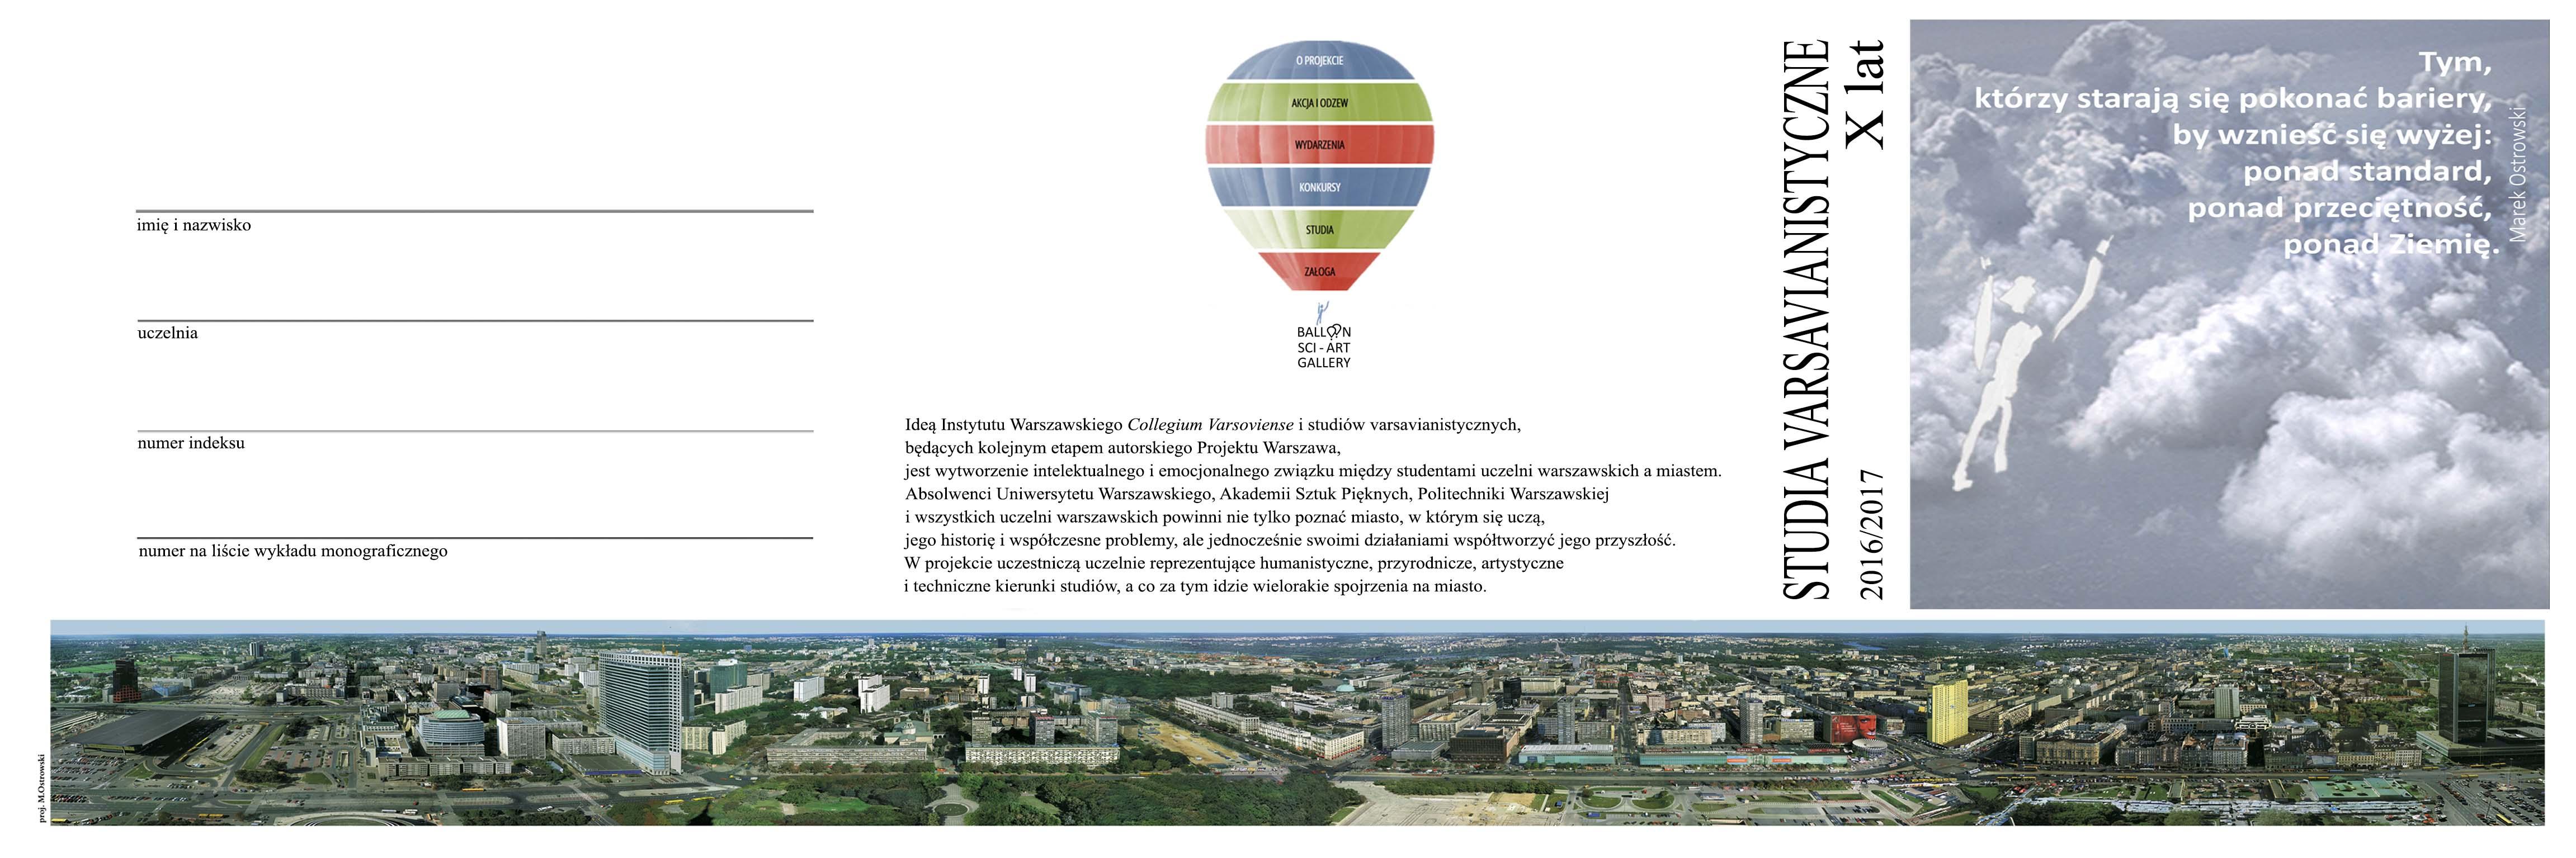 mini-karnet-wykladow-varsavianistycznych2015-2016